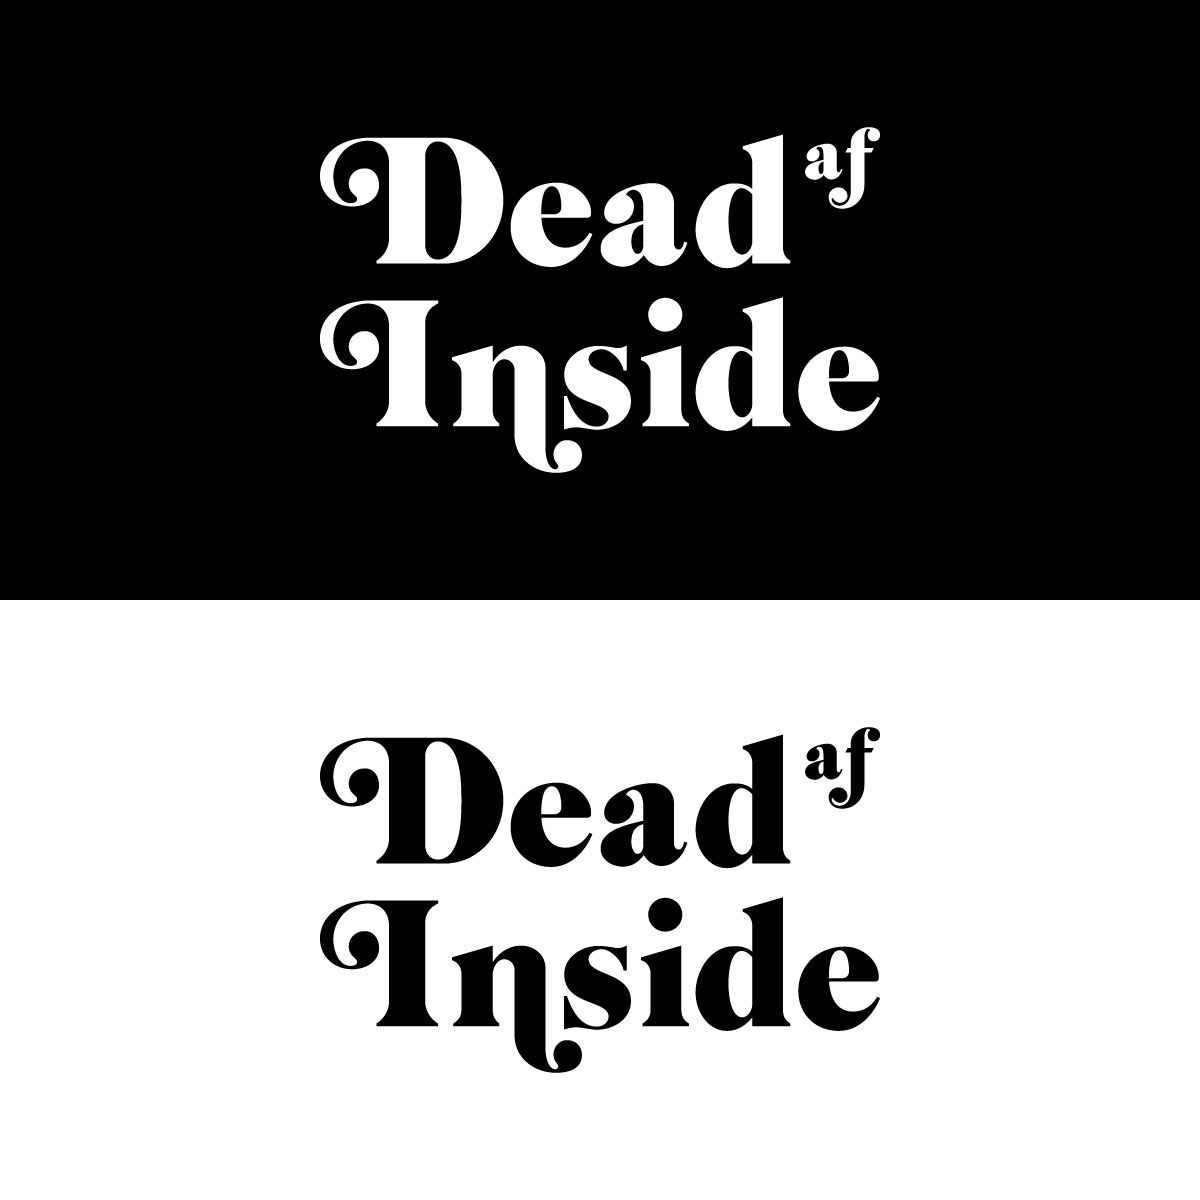 DEAD AF INSIDE design by kikicutt